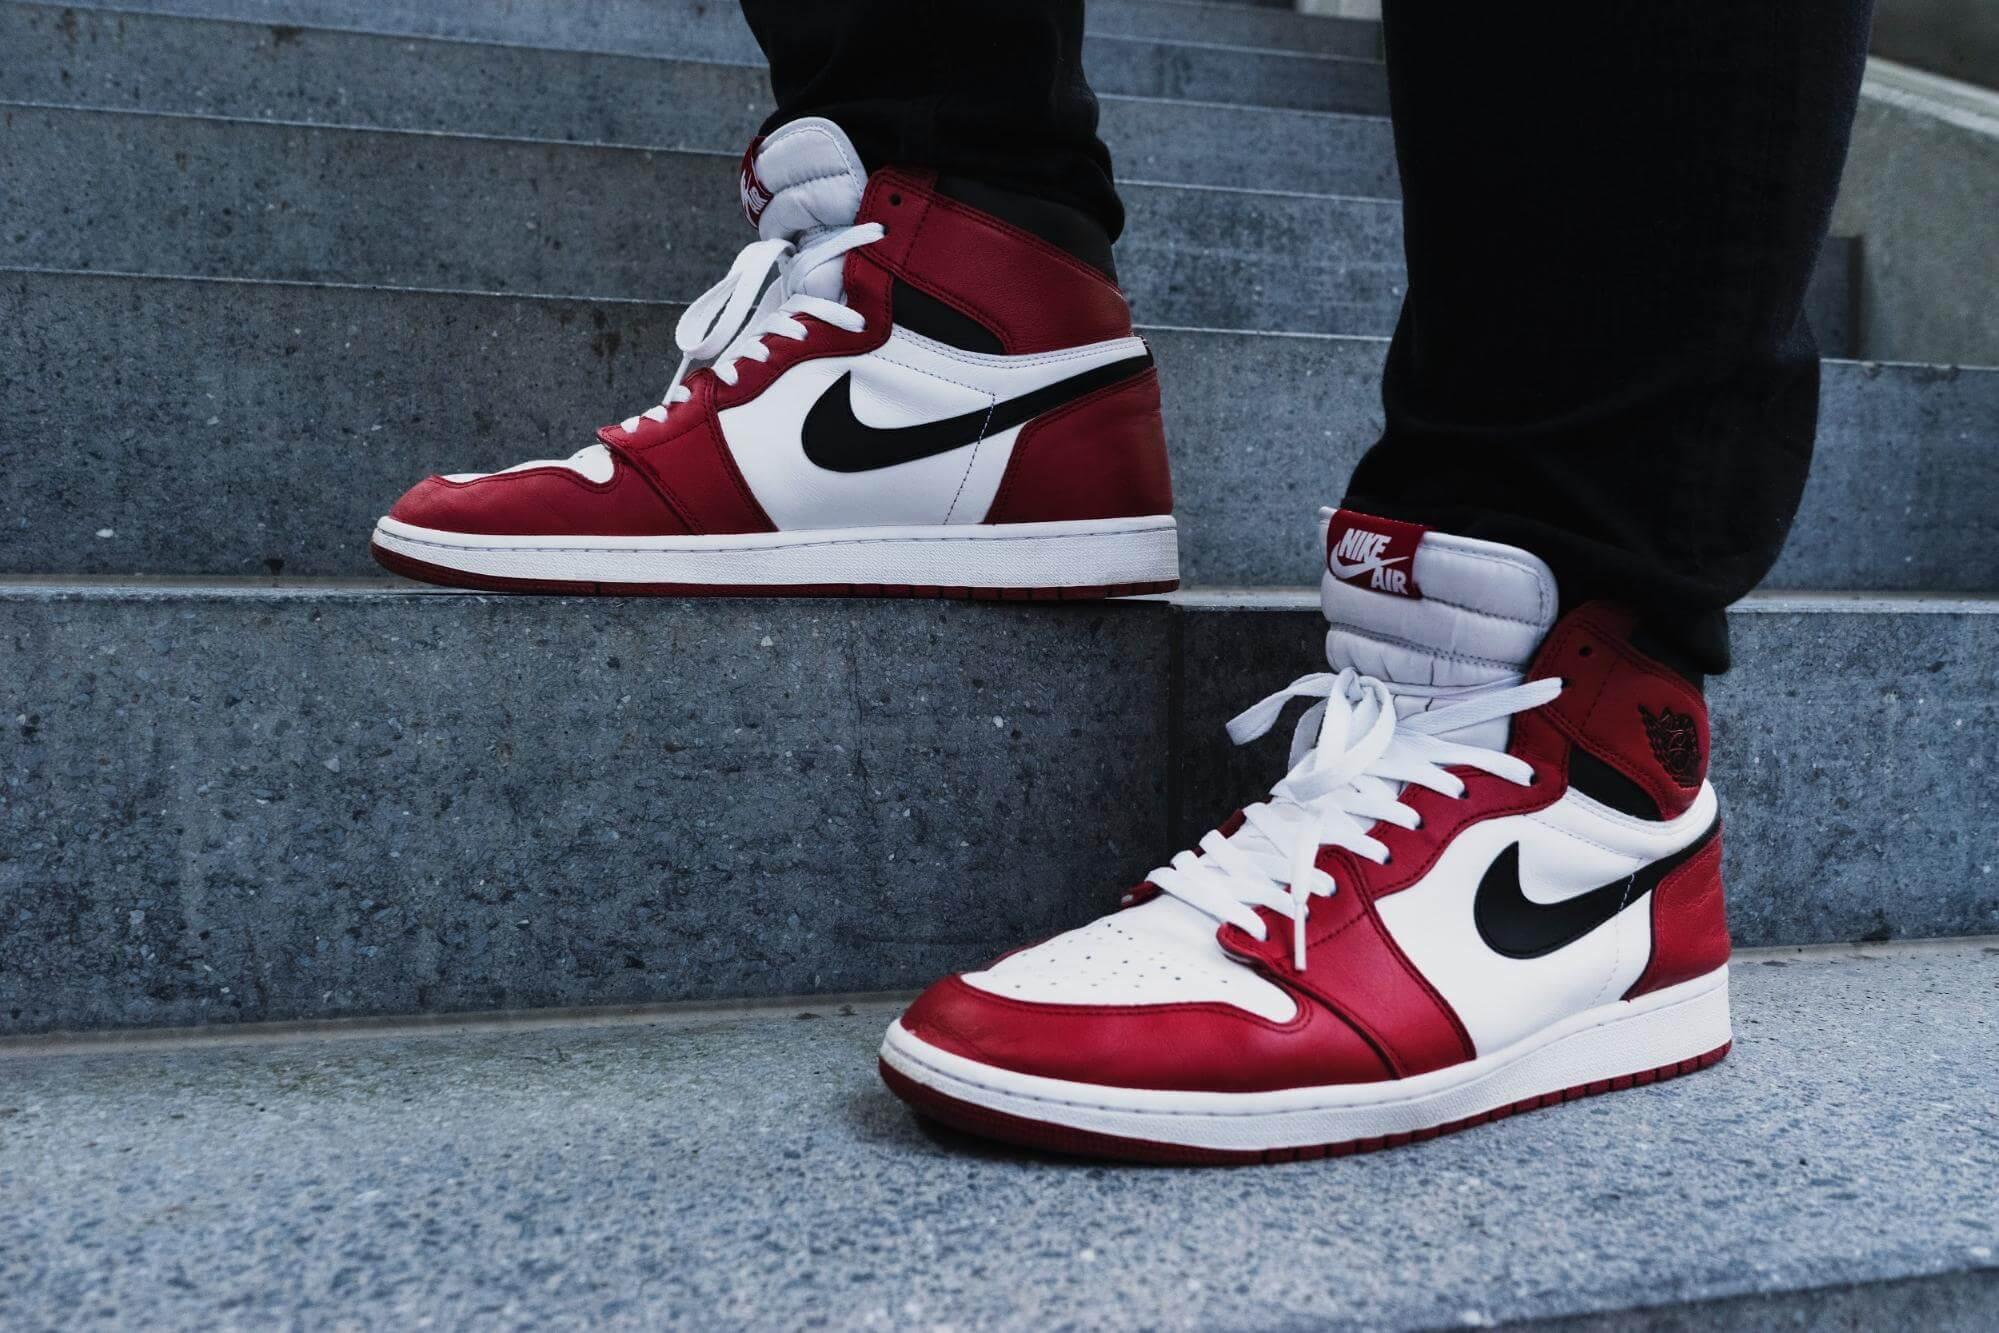 Personne sur des marches portant des sneakers Nike